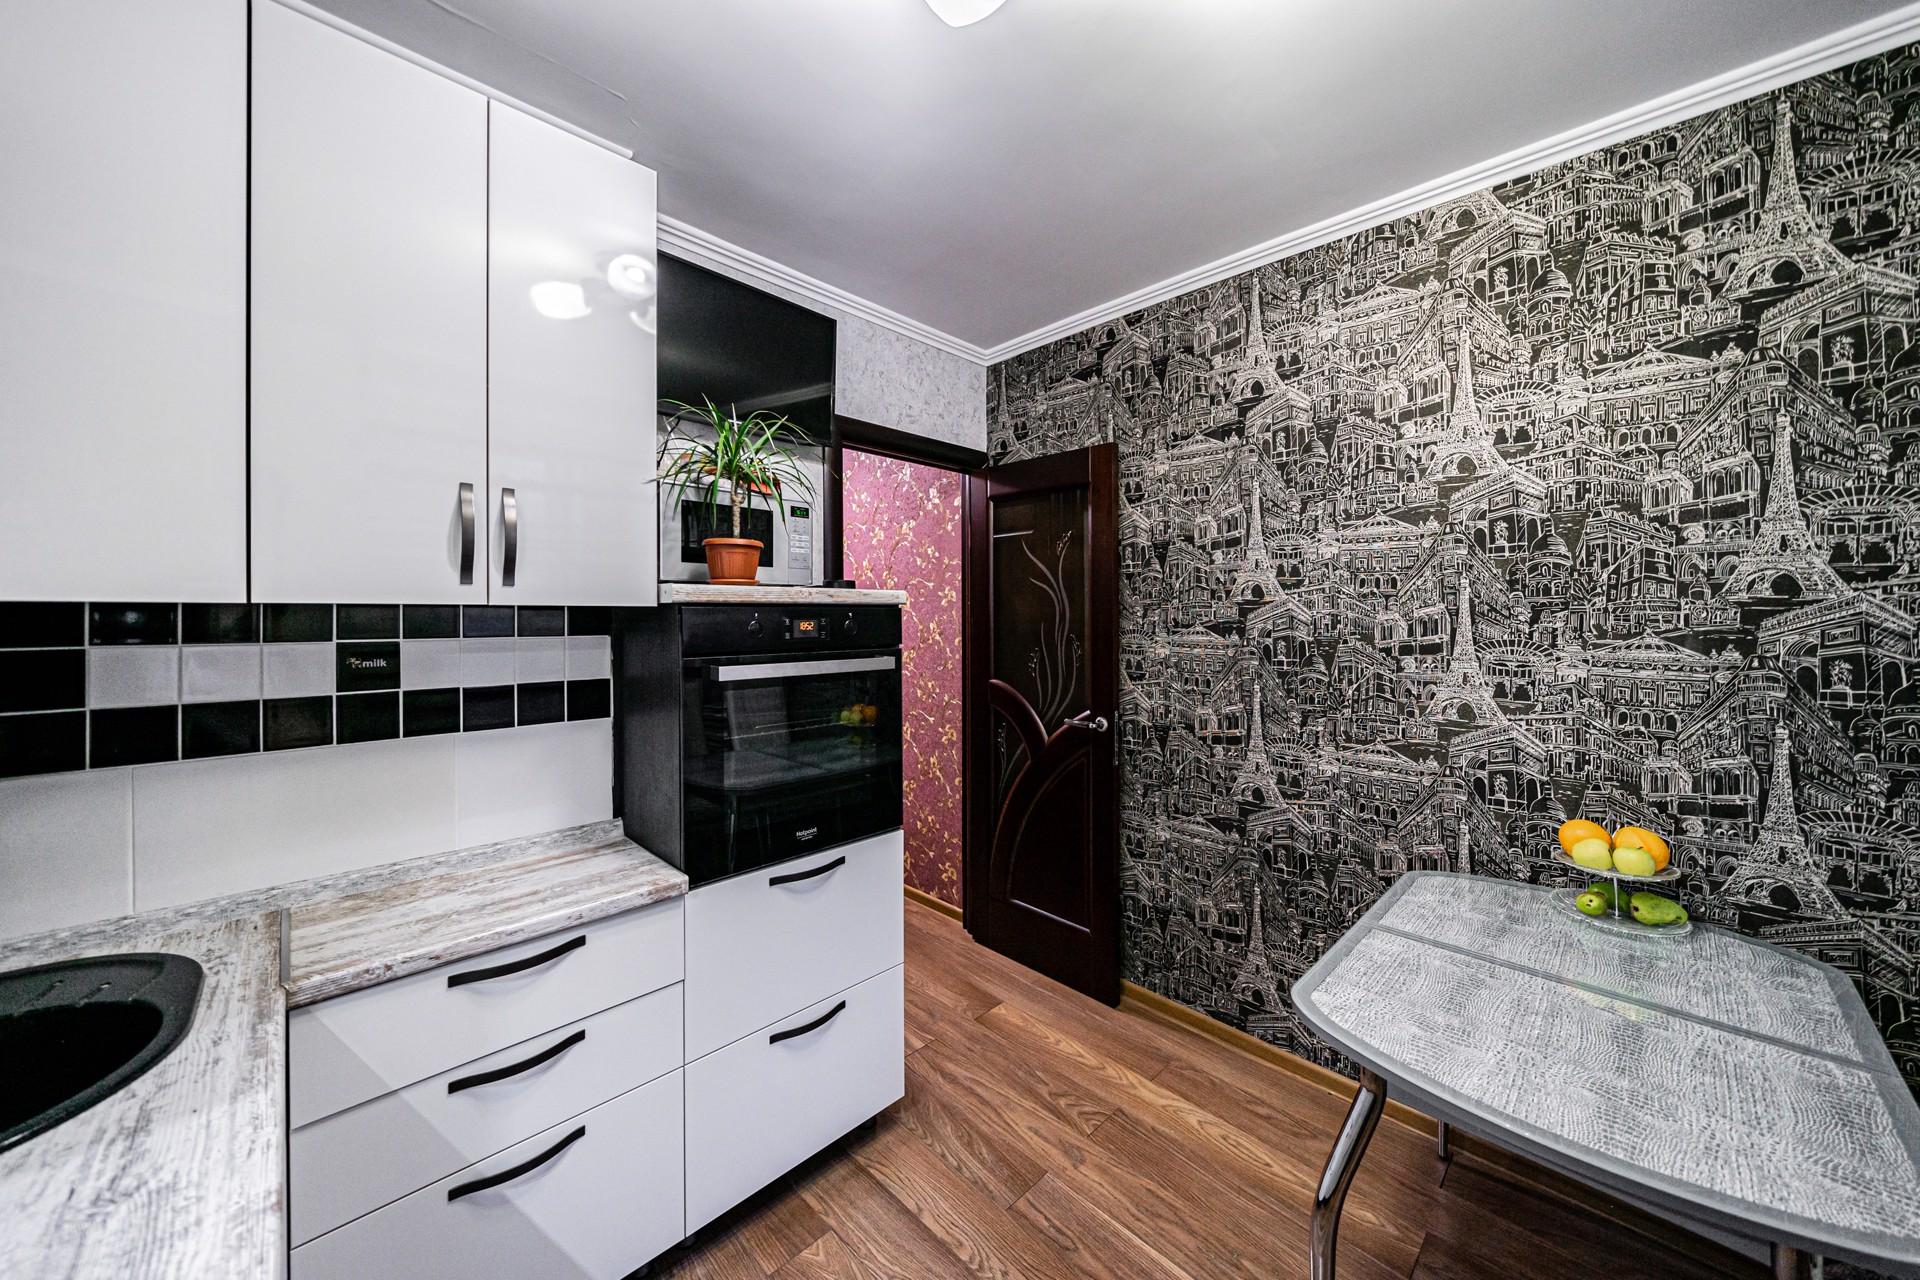 Продажа 2-к квартиры, Липецк, улица Коцаря, 4, 50 м², 4099000 ₽